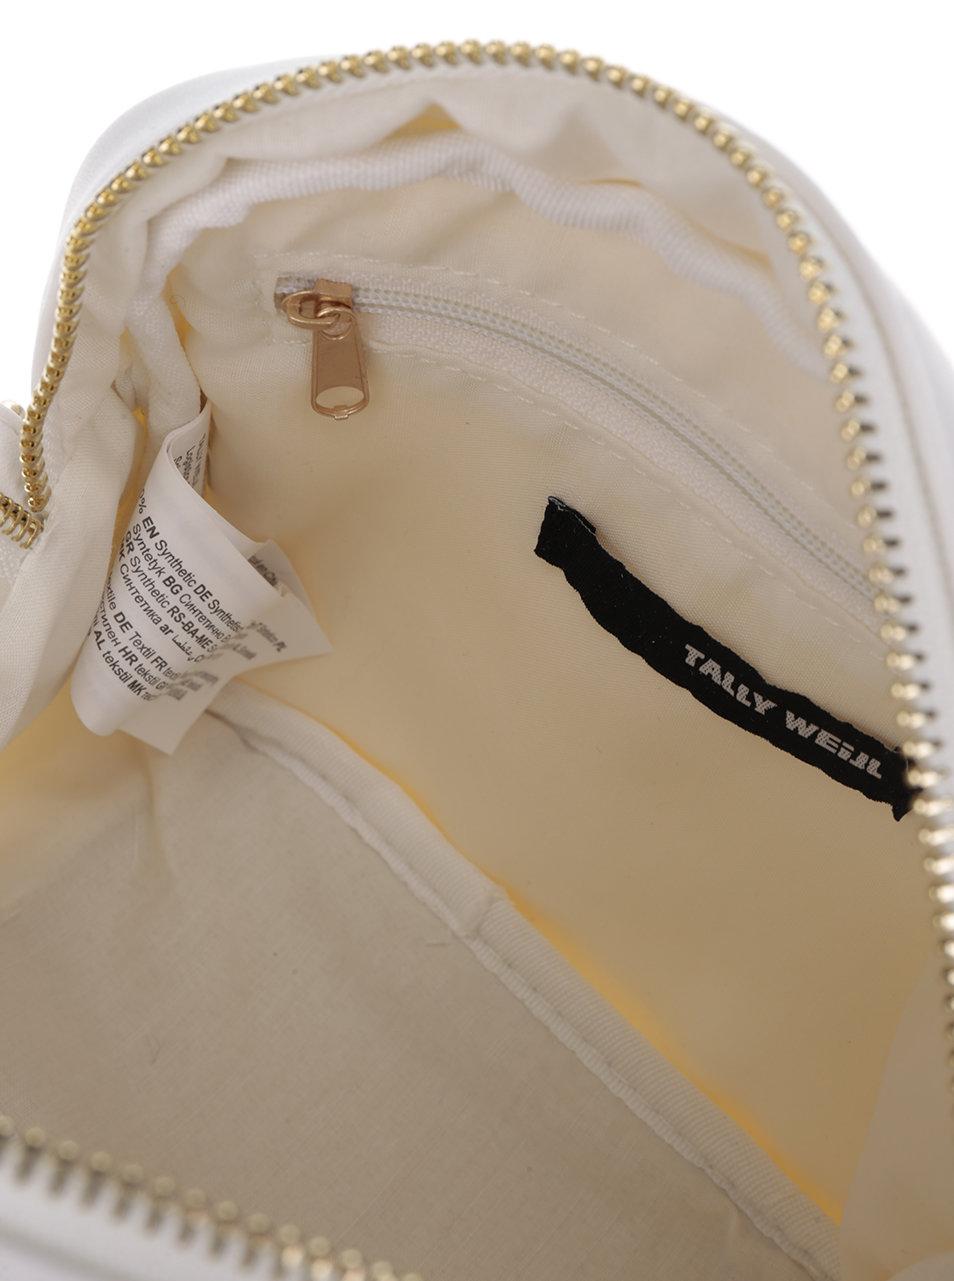 4befe64151 Bílá crossbody kabelka s detaily ve zlaté barvě TALLY WEiJL ...